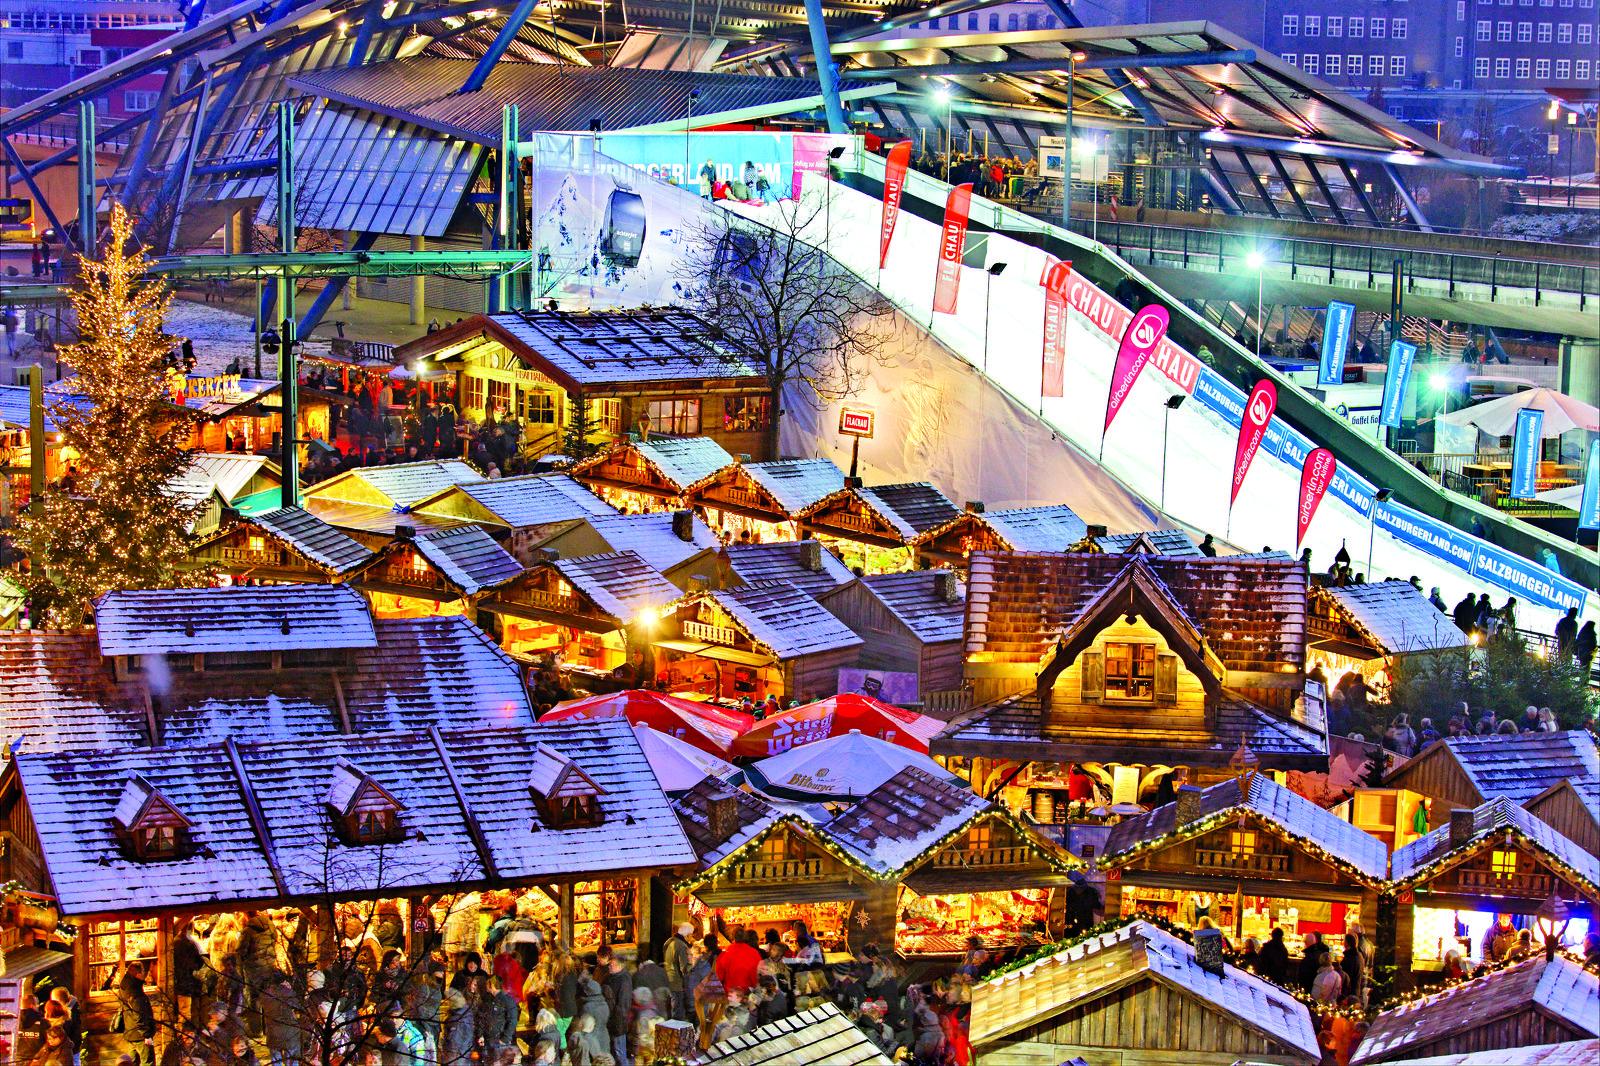 Kerstmarkt Centro Oberhausen 2017